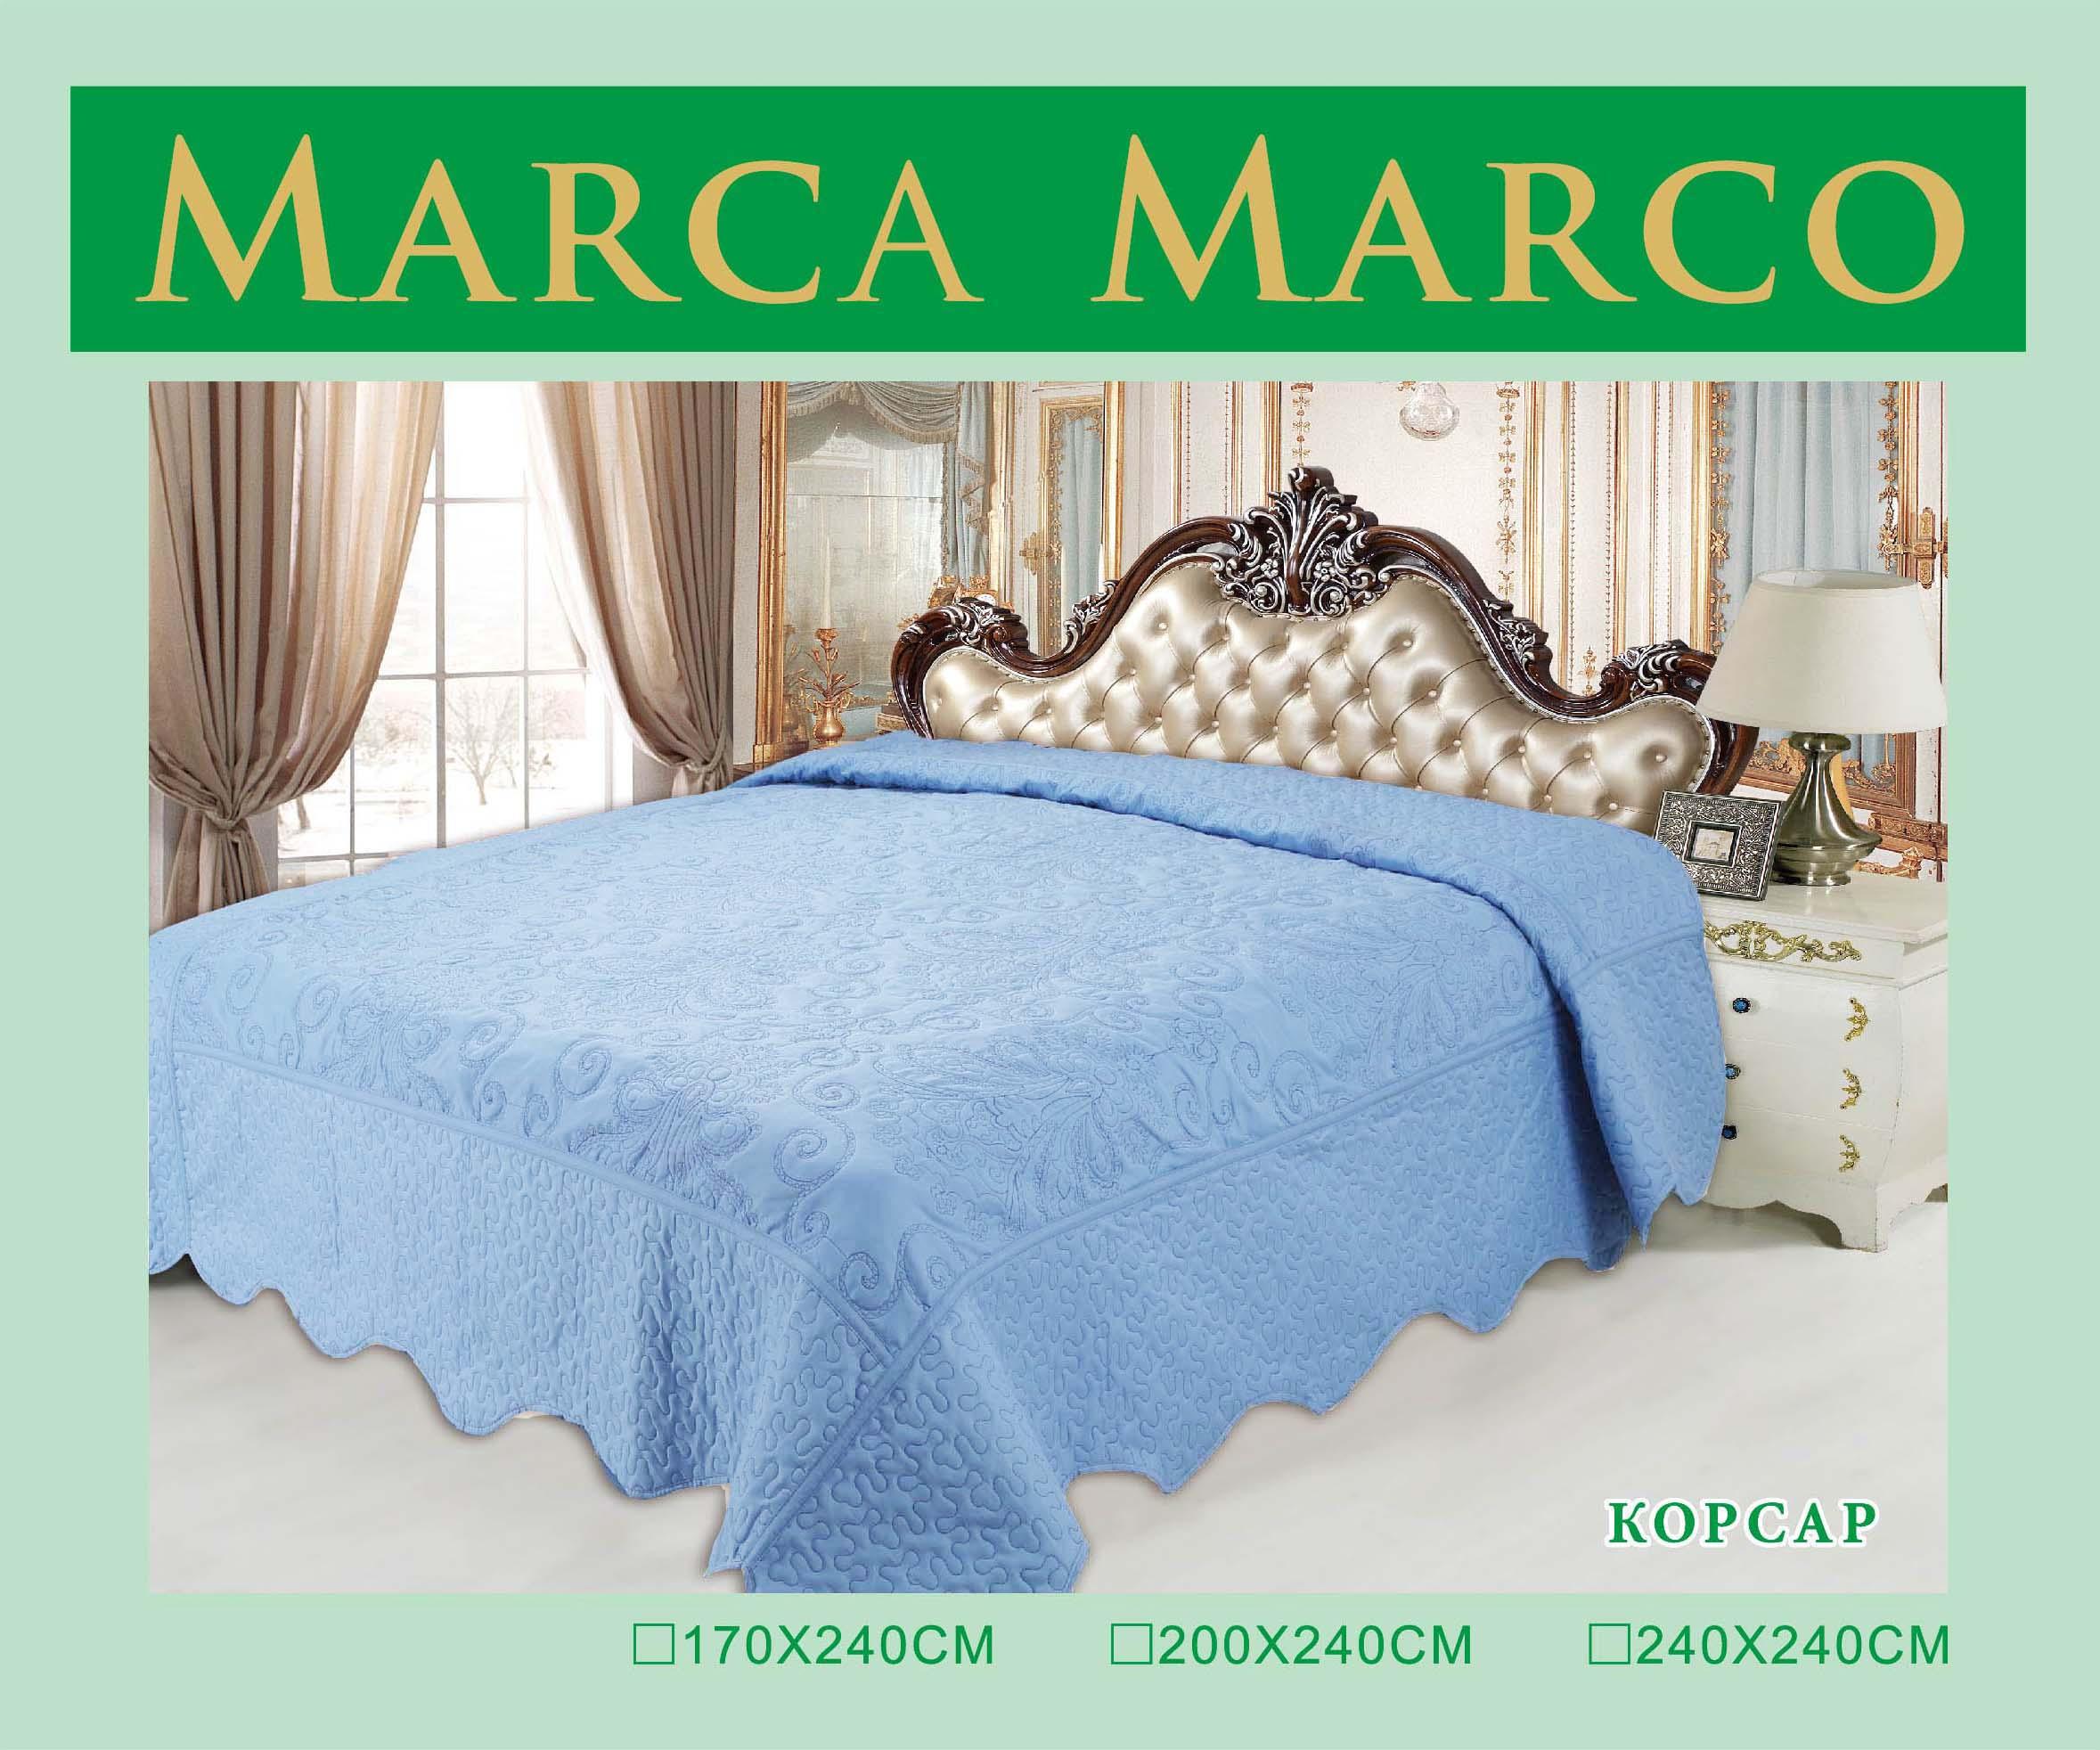 Покрывало MАRCA MARCO Покрывало Корсар (240х240 см)